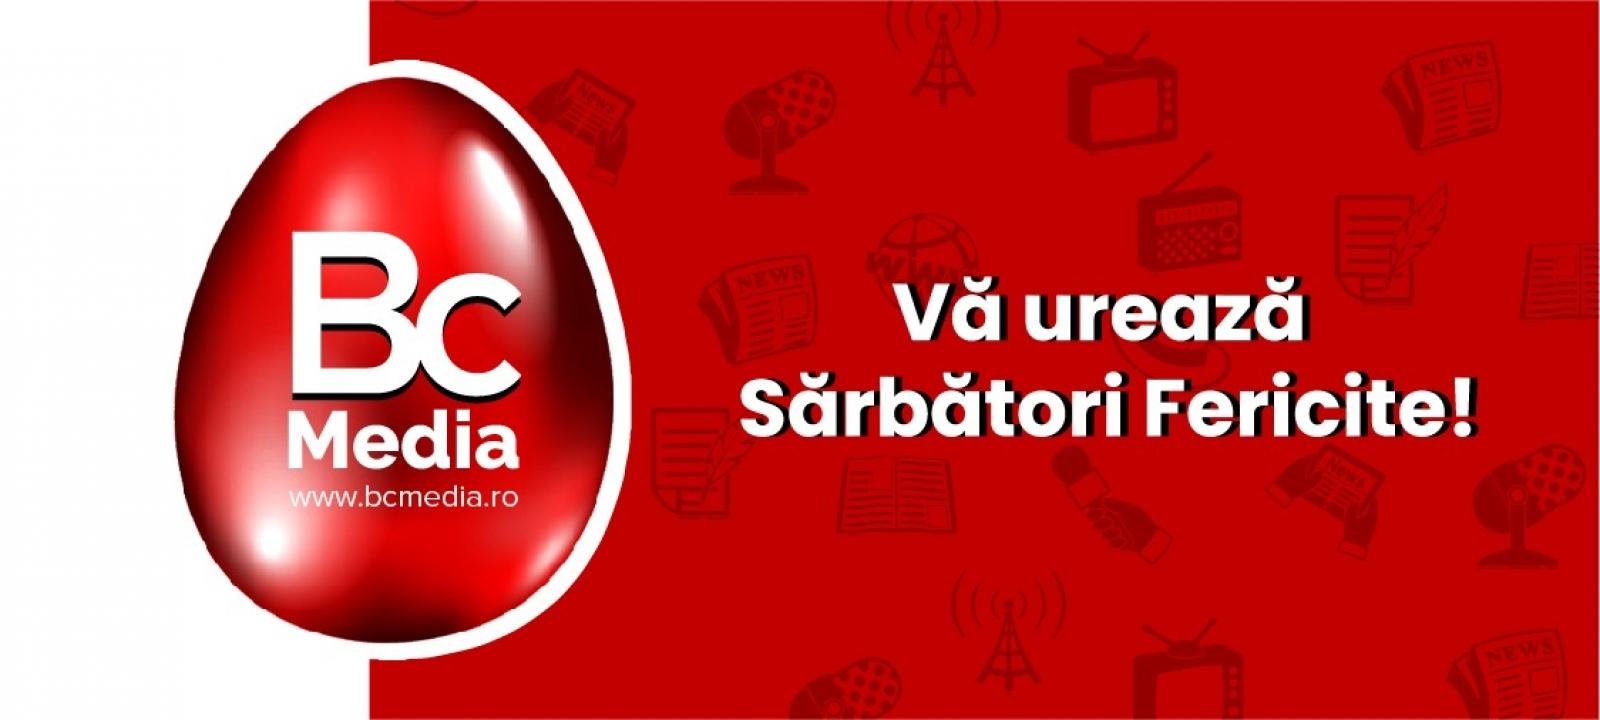 SĂRBĂTORI BINECUVÂNTATE!